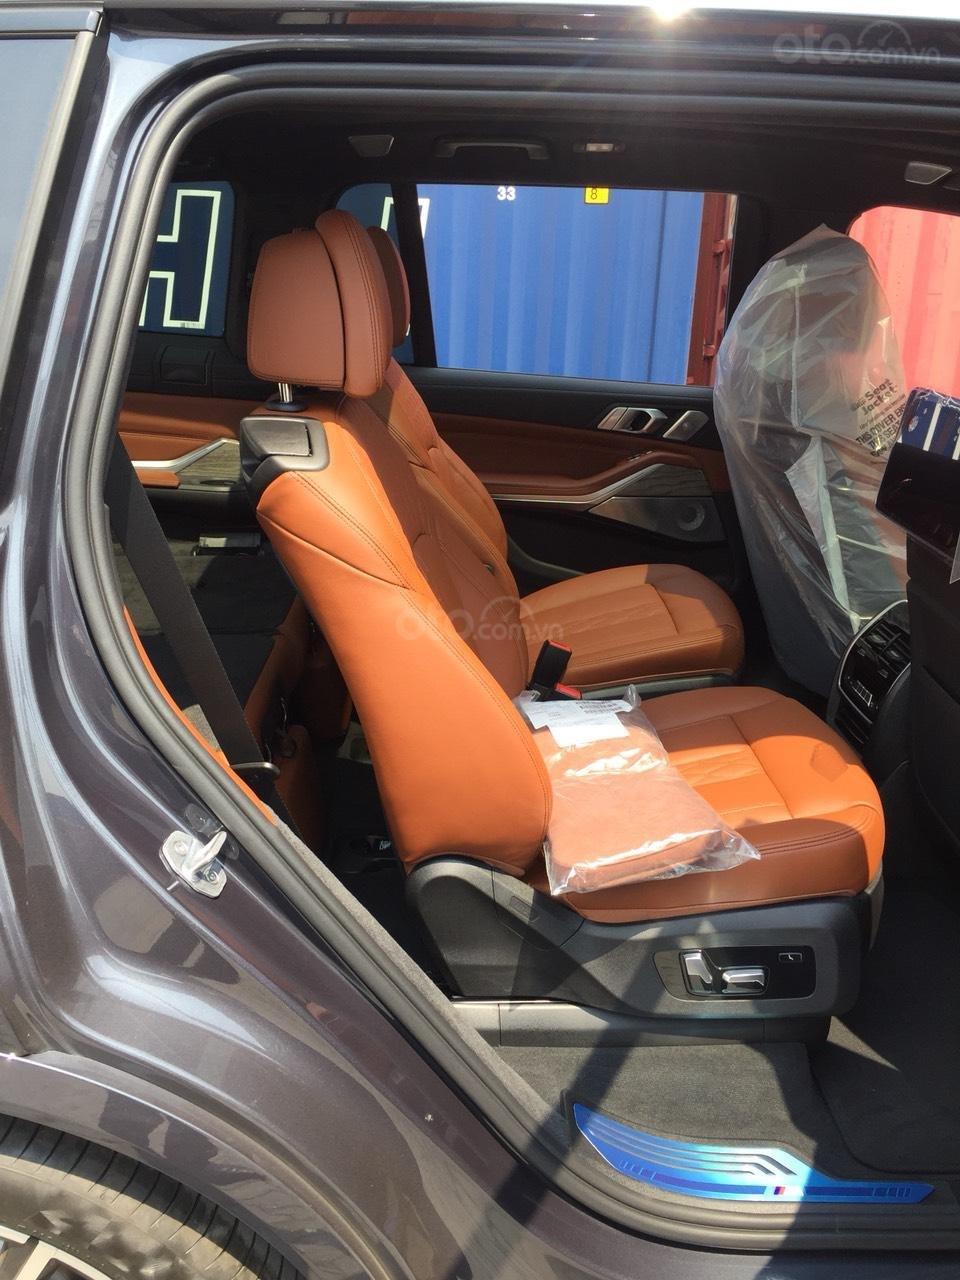 Bán BMW X7 M-sport xdrive 40i, đủ màu giao ngay, xe full option, nhận ép biển đẹp (5)